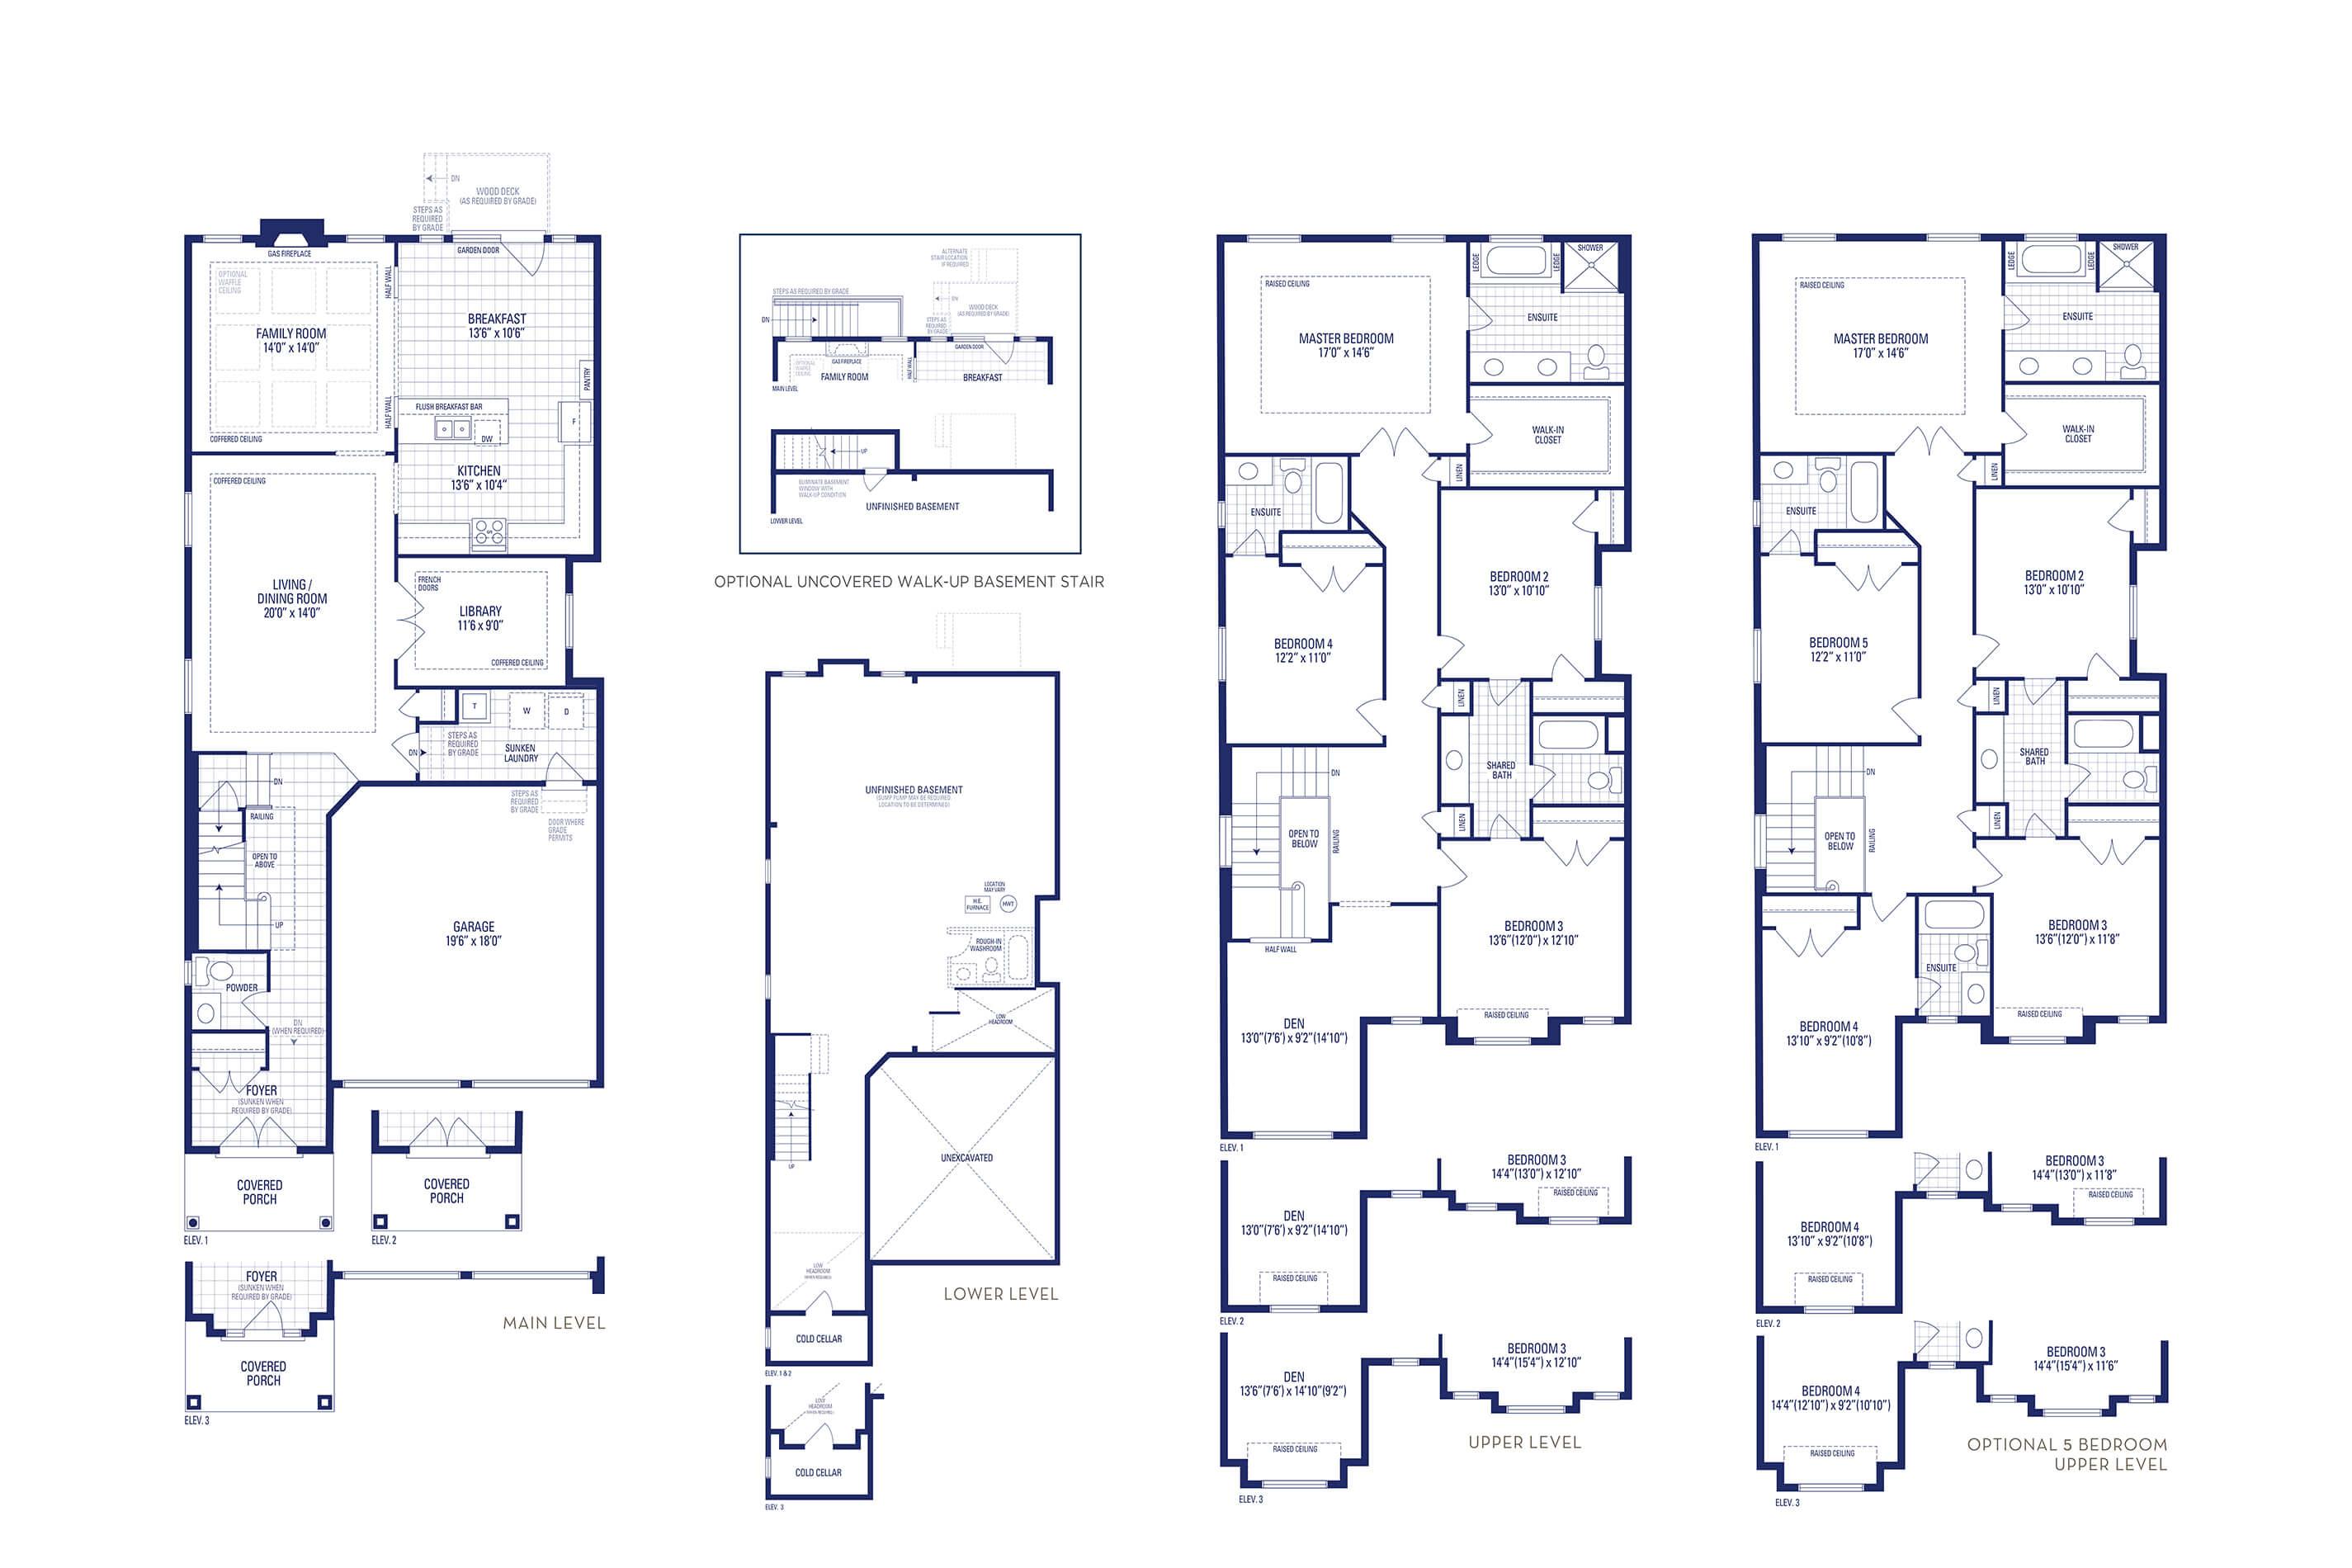 Brooklyn 06 Elev. 2 Floorplan